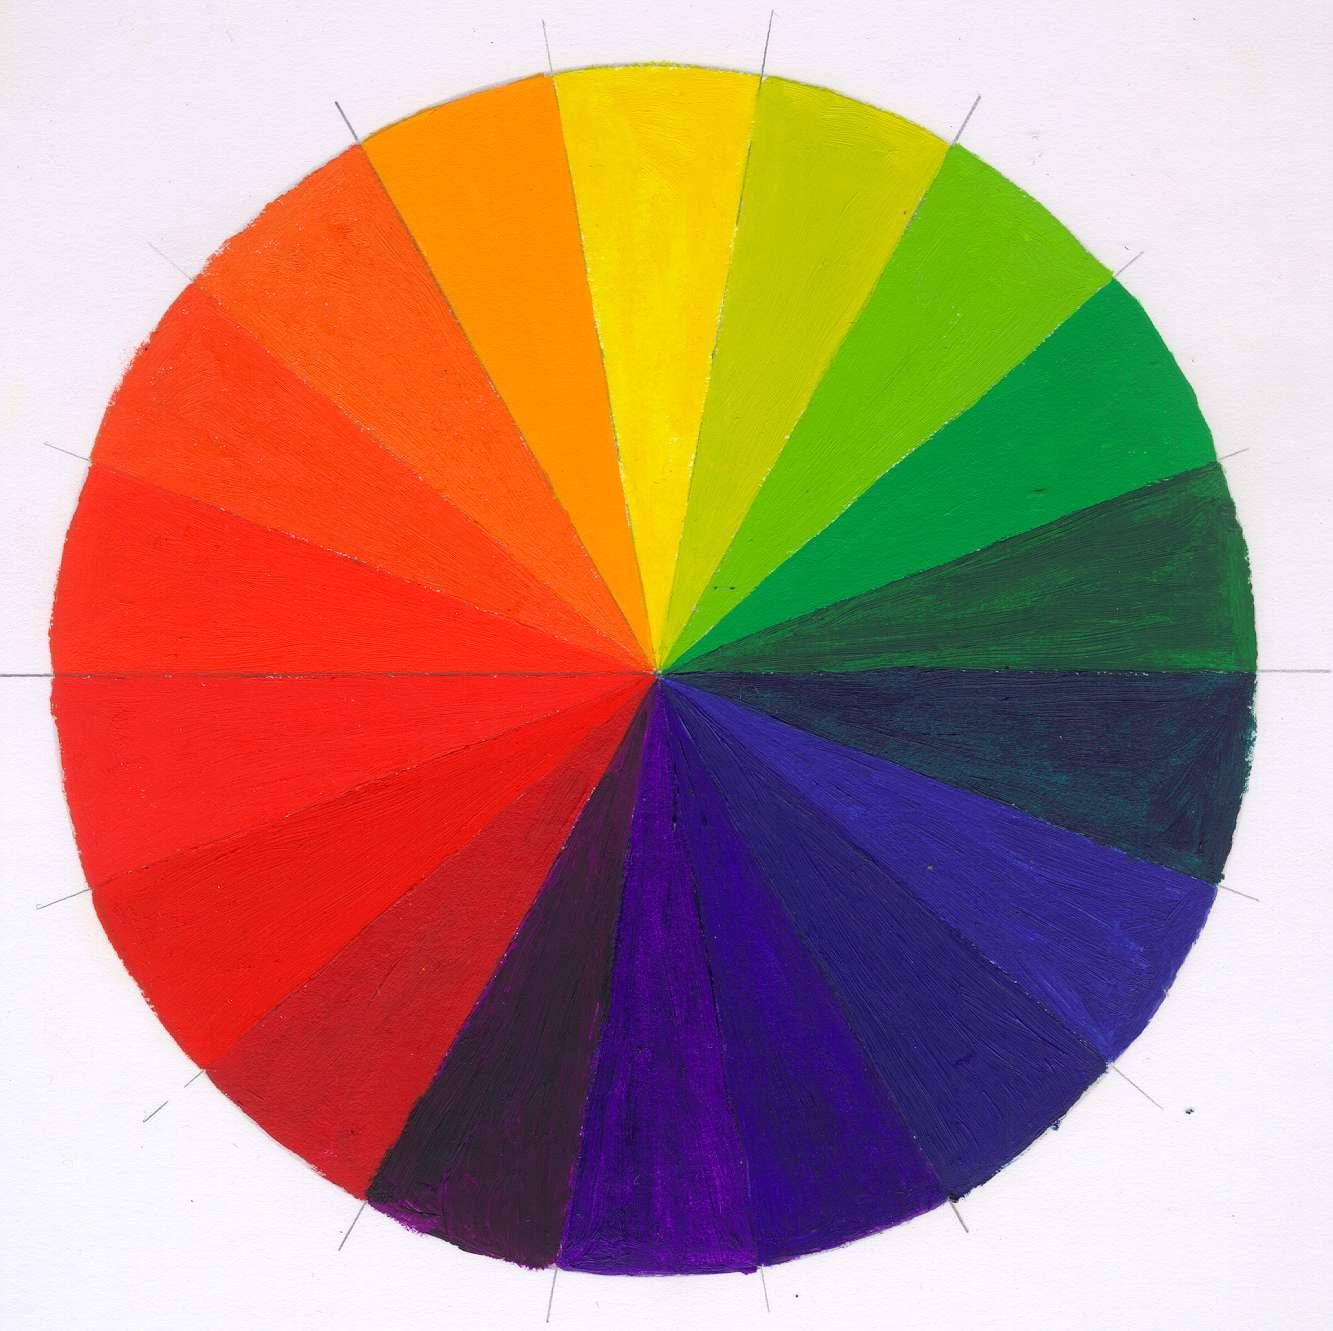 виштынец картинки спектра красок колона пытался боем